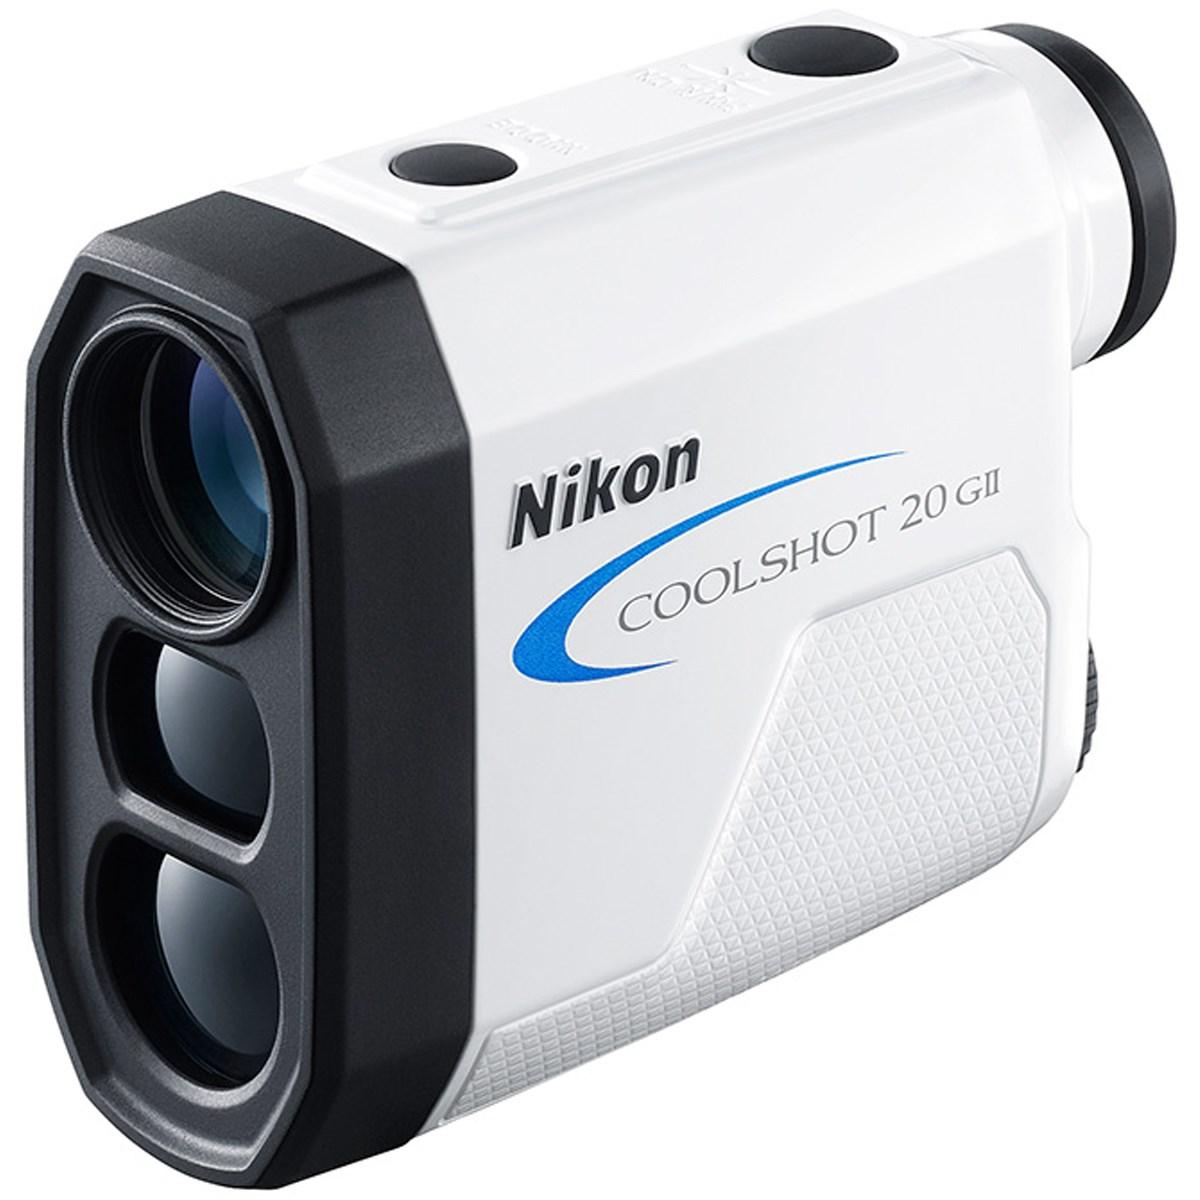 ニコン(Nikon) COOLSHOT 20G II